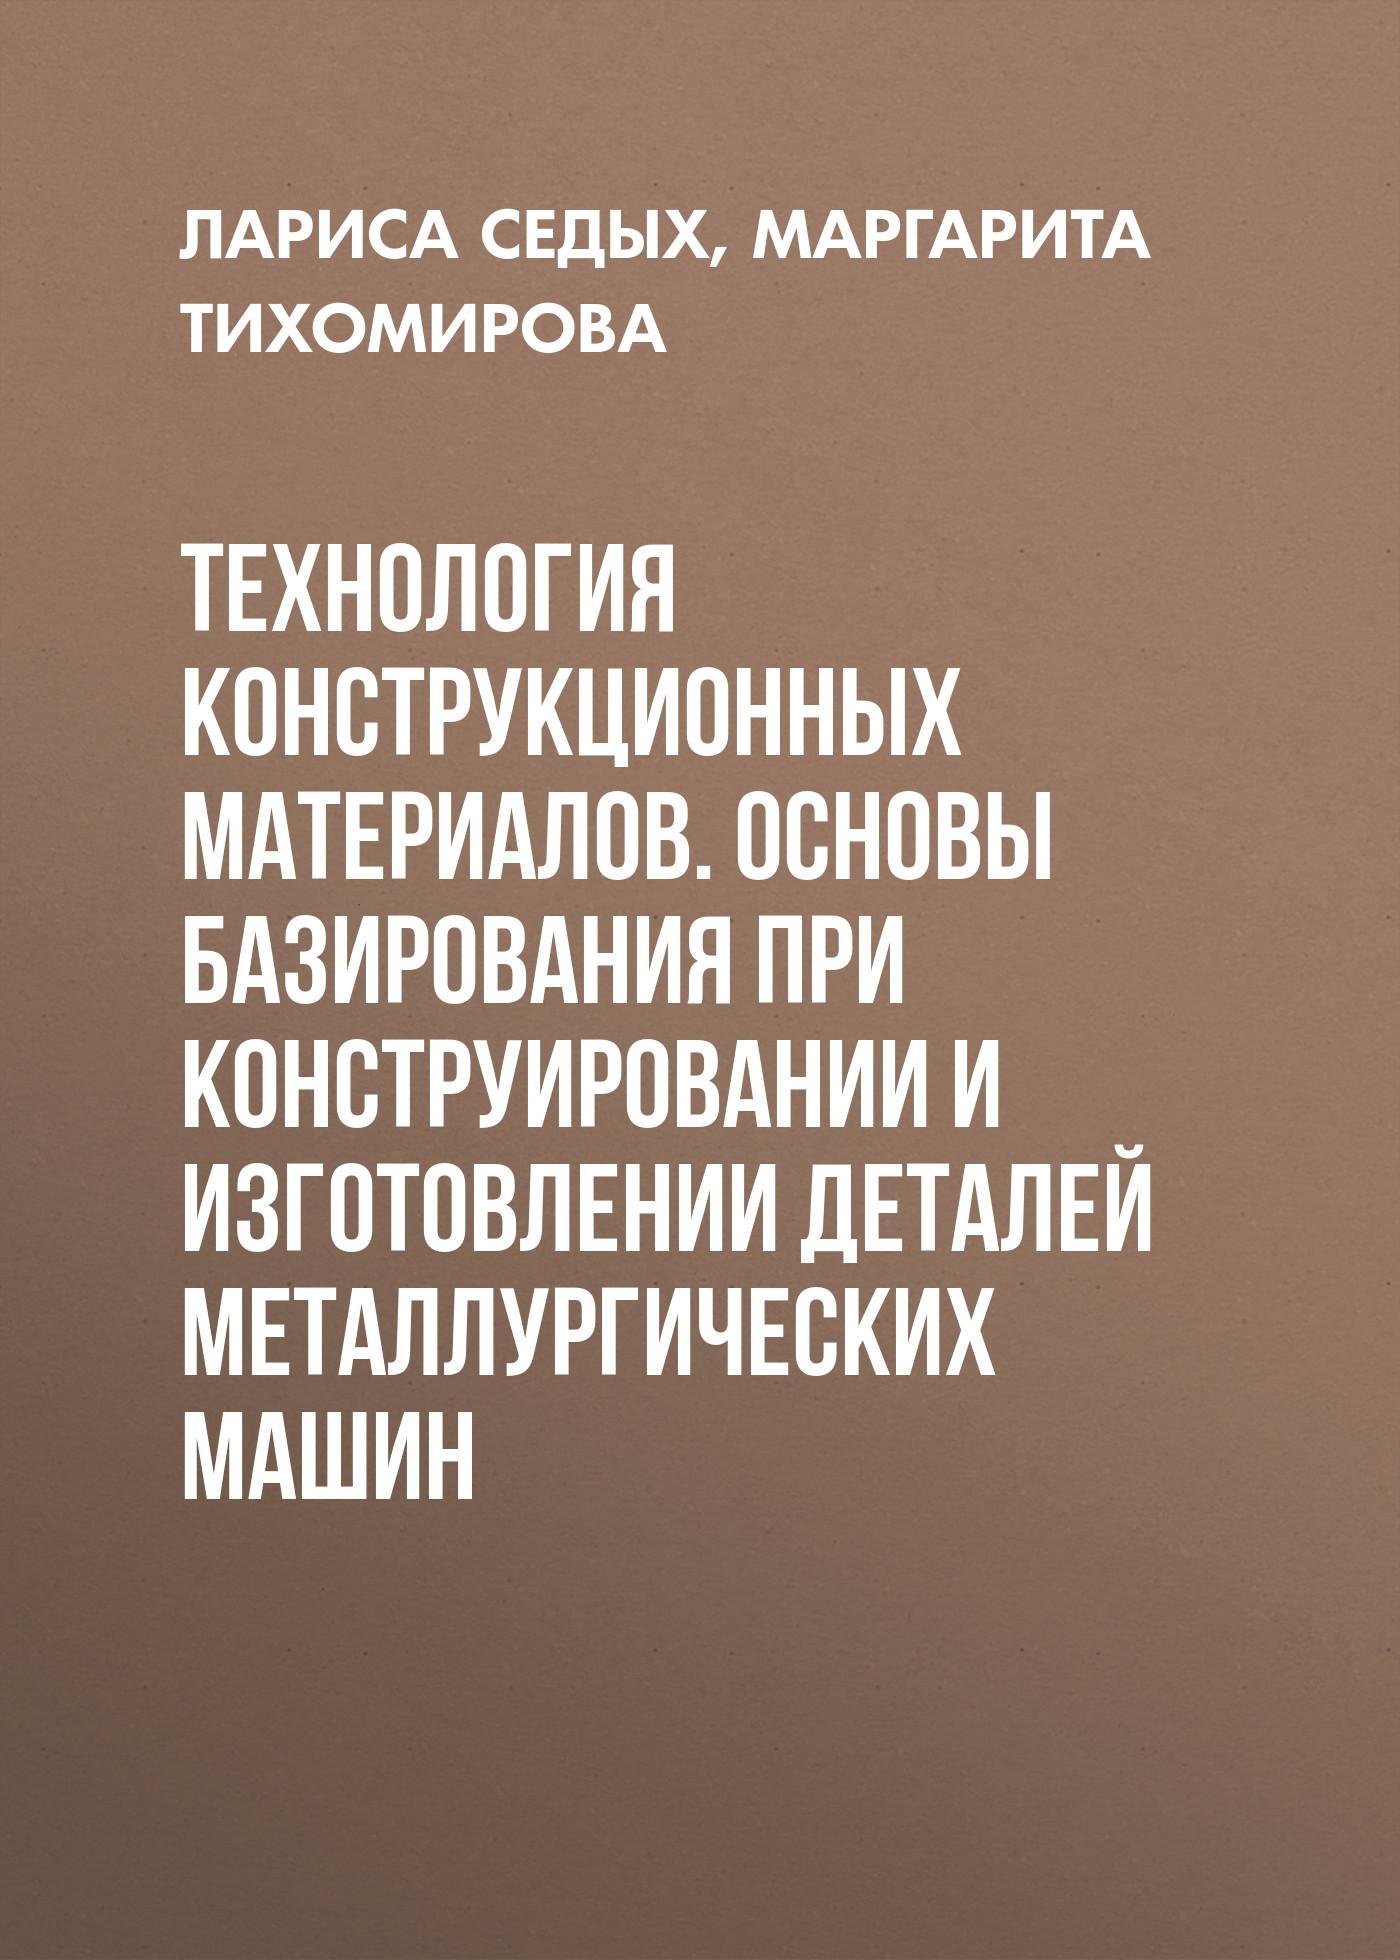 Маргарита Тихомирова Технология конструкционных материалов. Основы базирования при конструировании и изготовлении деталей металлургических машин